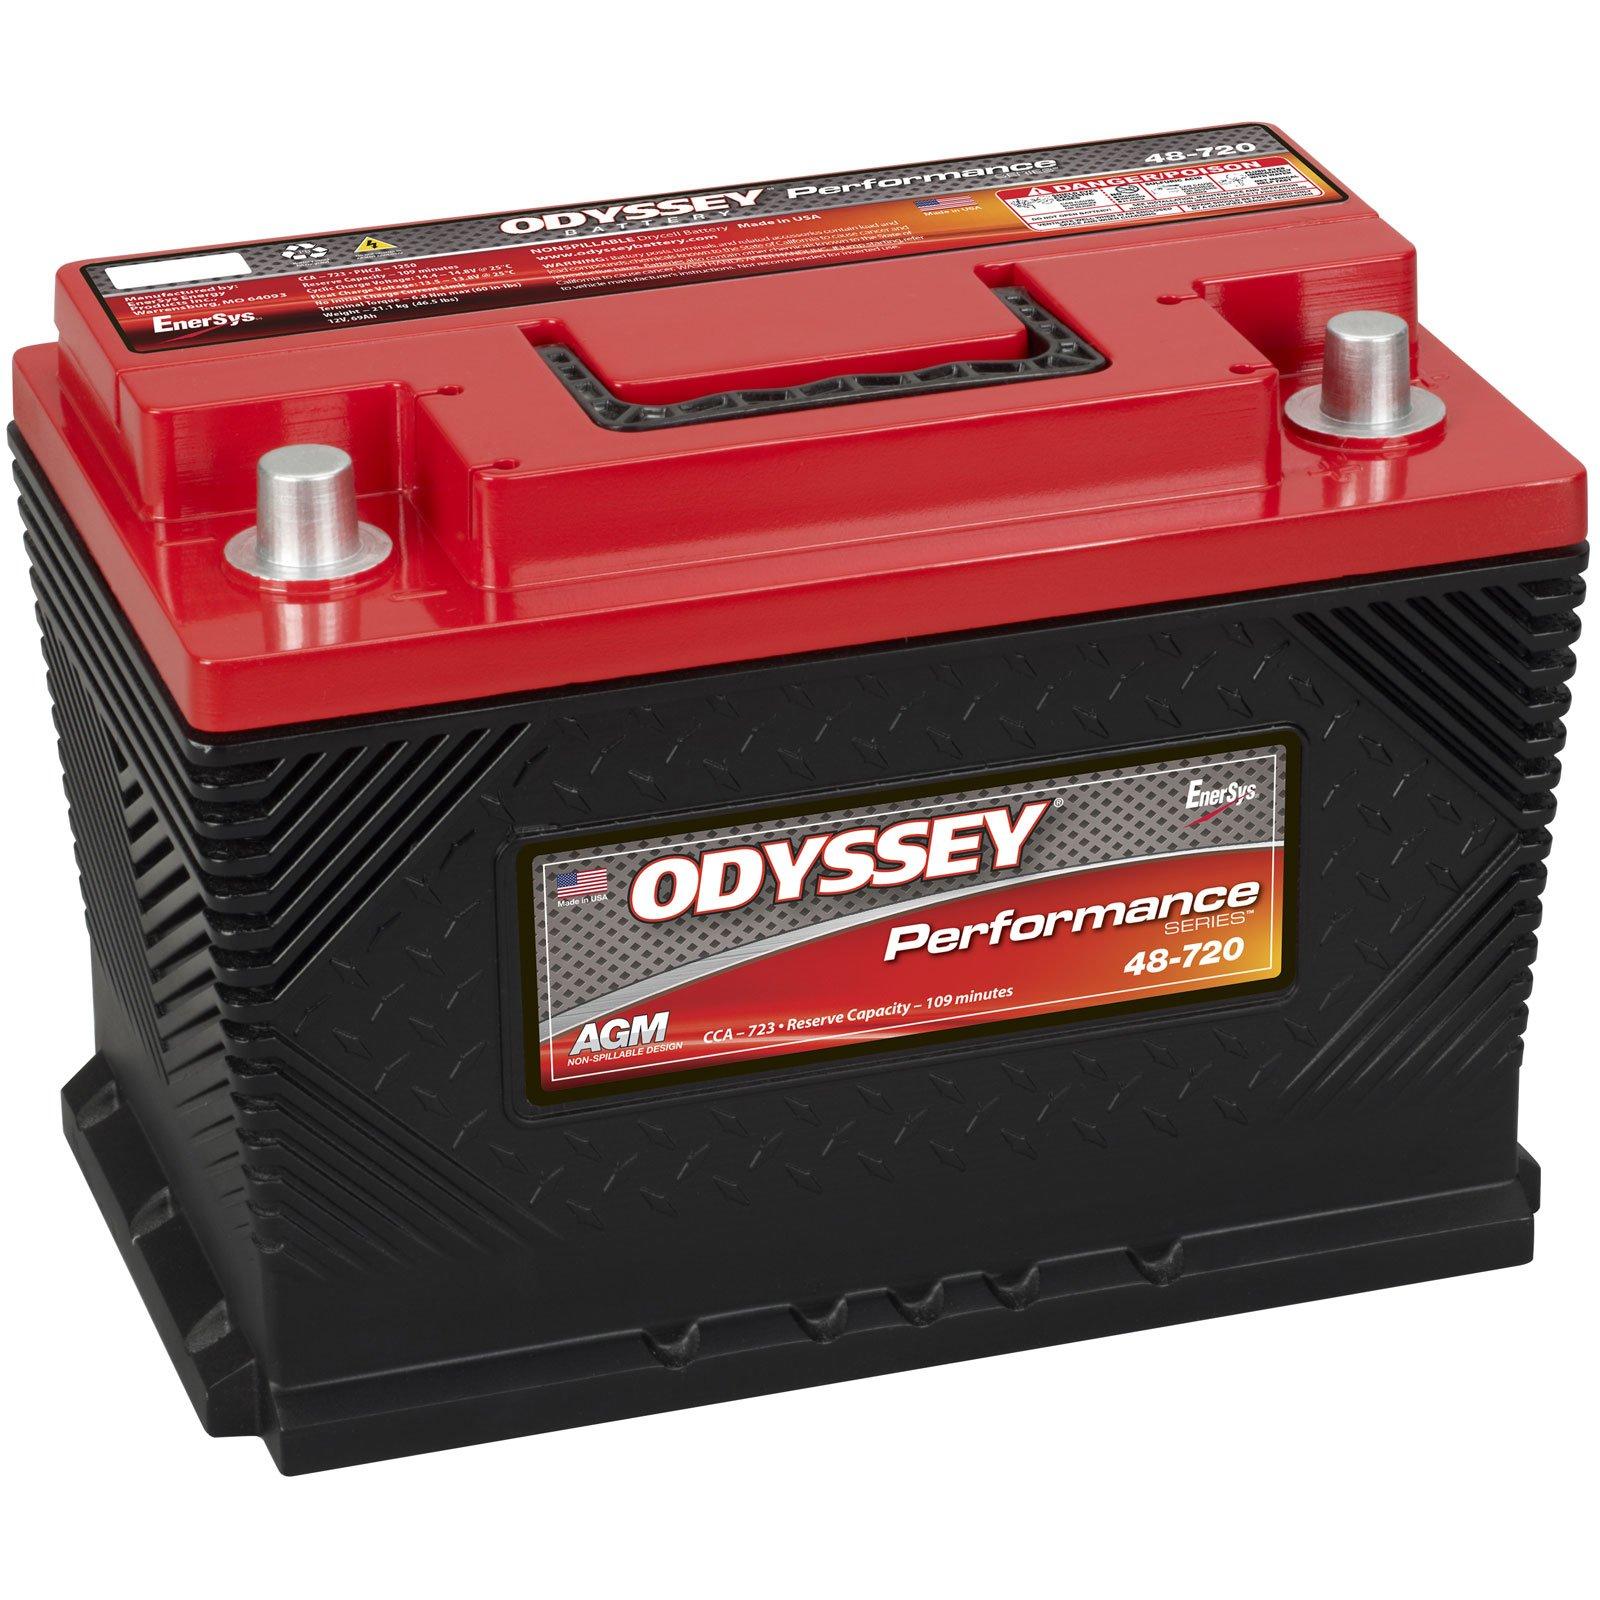 Odyssey 48-720 Battery